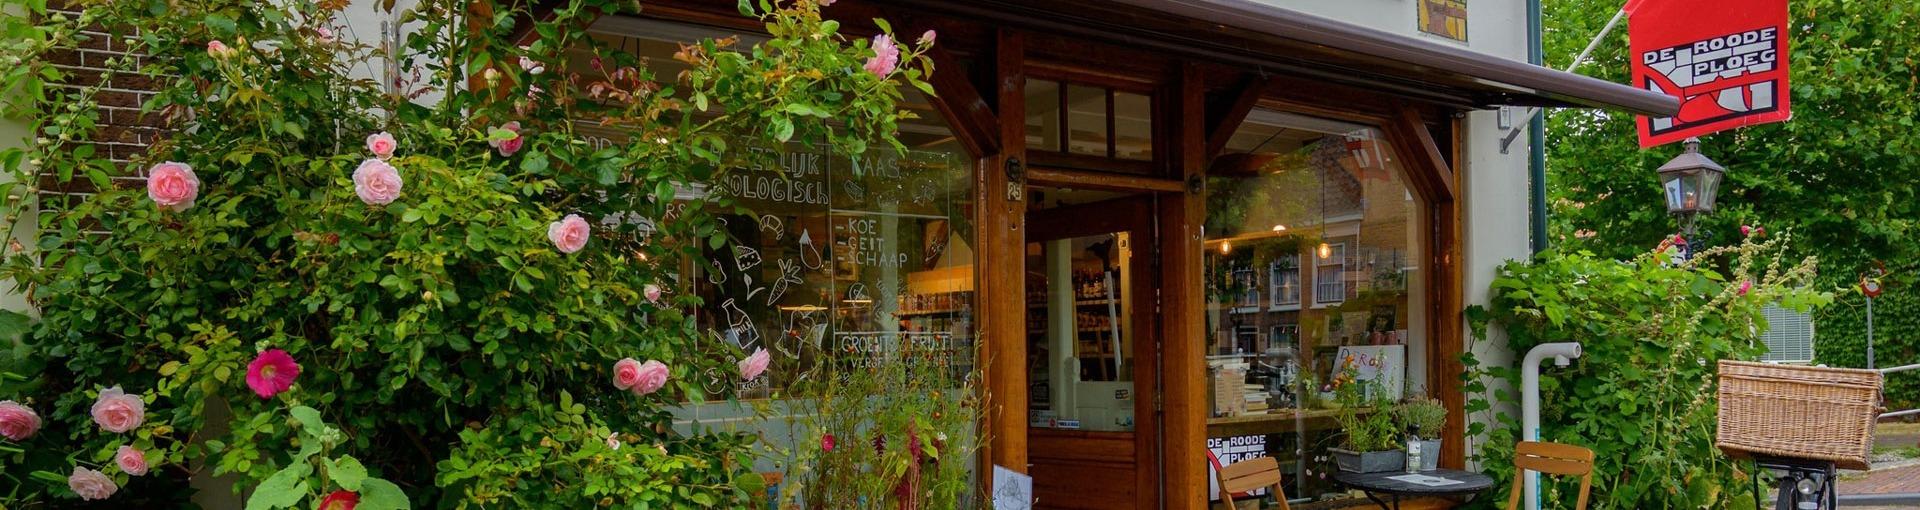 De winkel van De Roode Ploeg in Harlingen